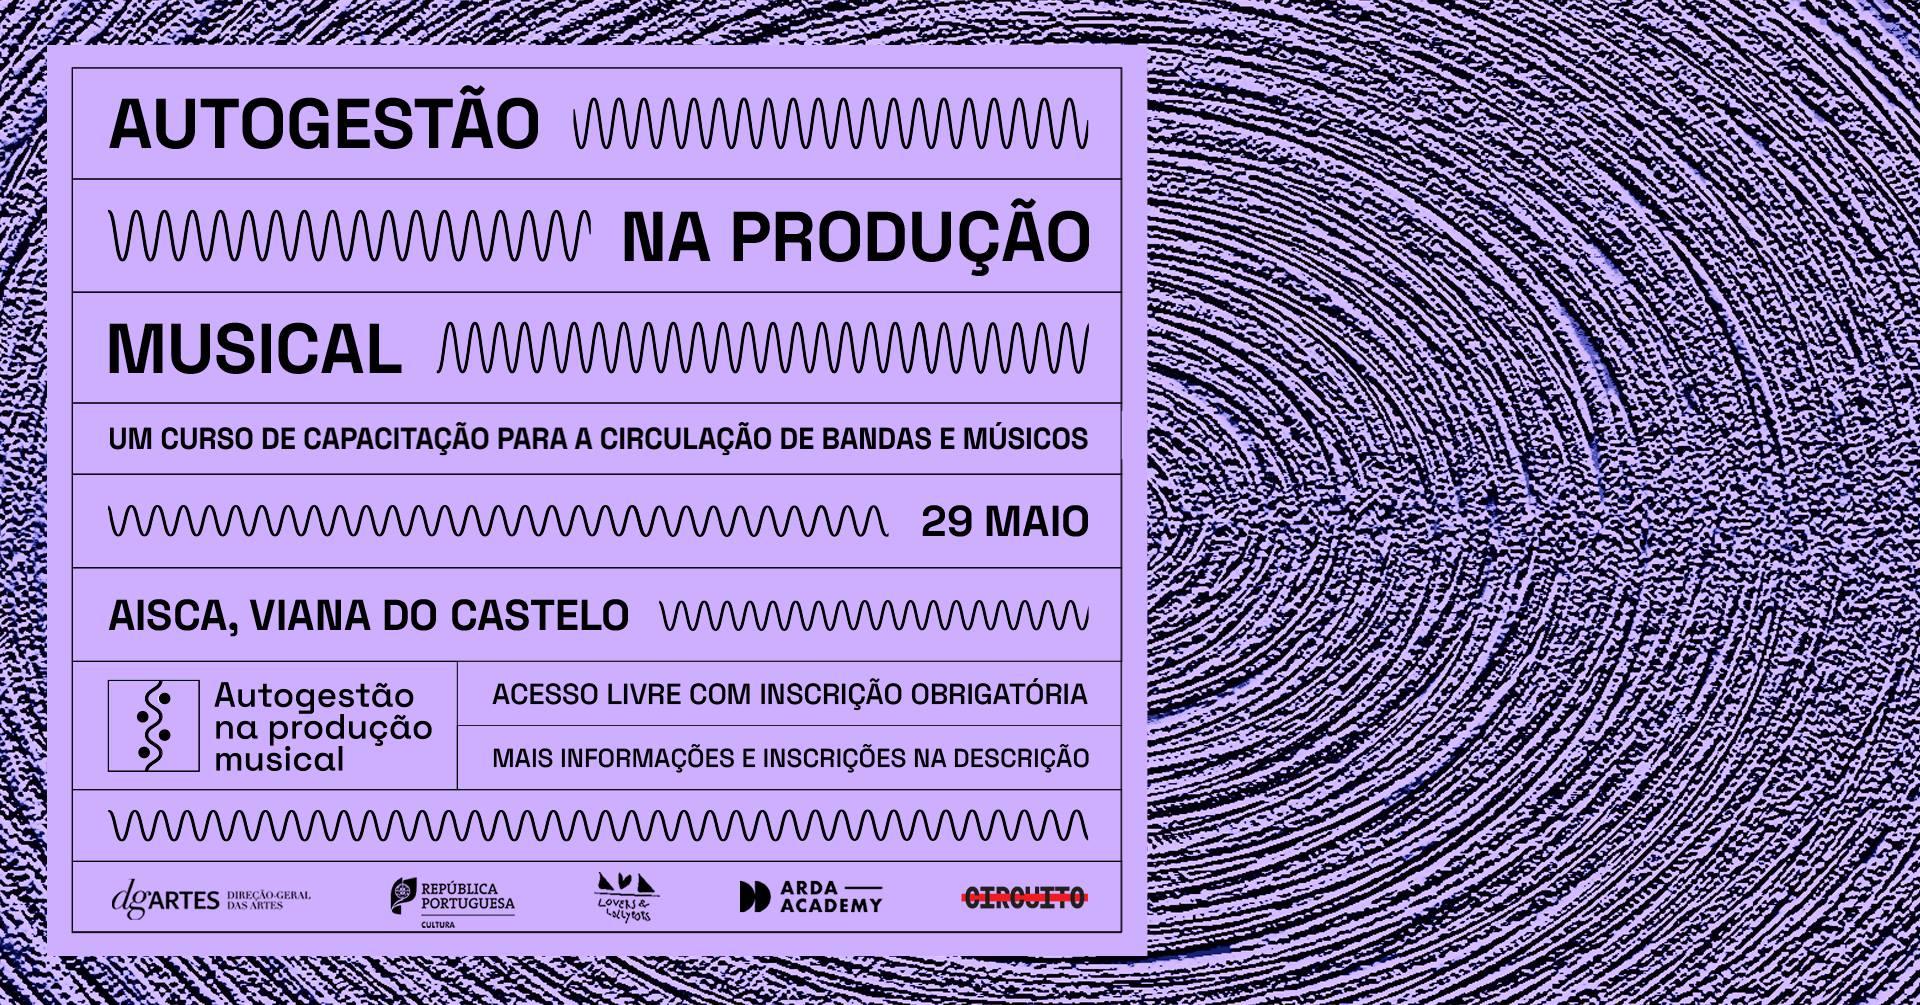 Autogestão na Produção Musical - Curso de capacitação para circulação de músicos (Viana do Castelo)